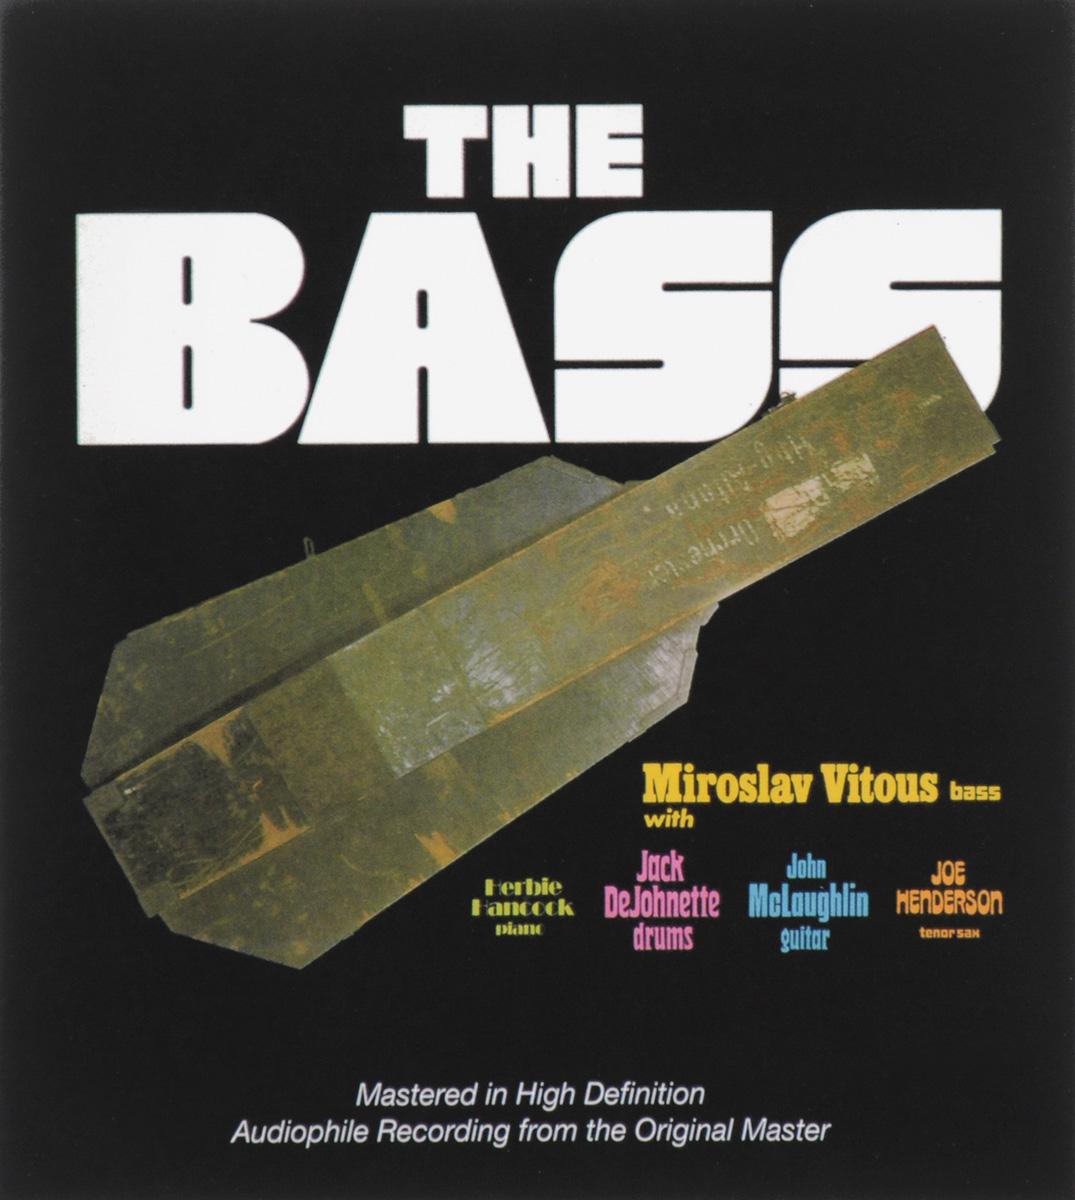 Мирослав Витоус Miroslav Vitous. Bass мирослав дочинець світован